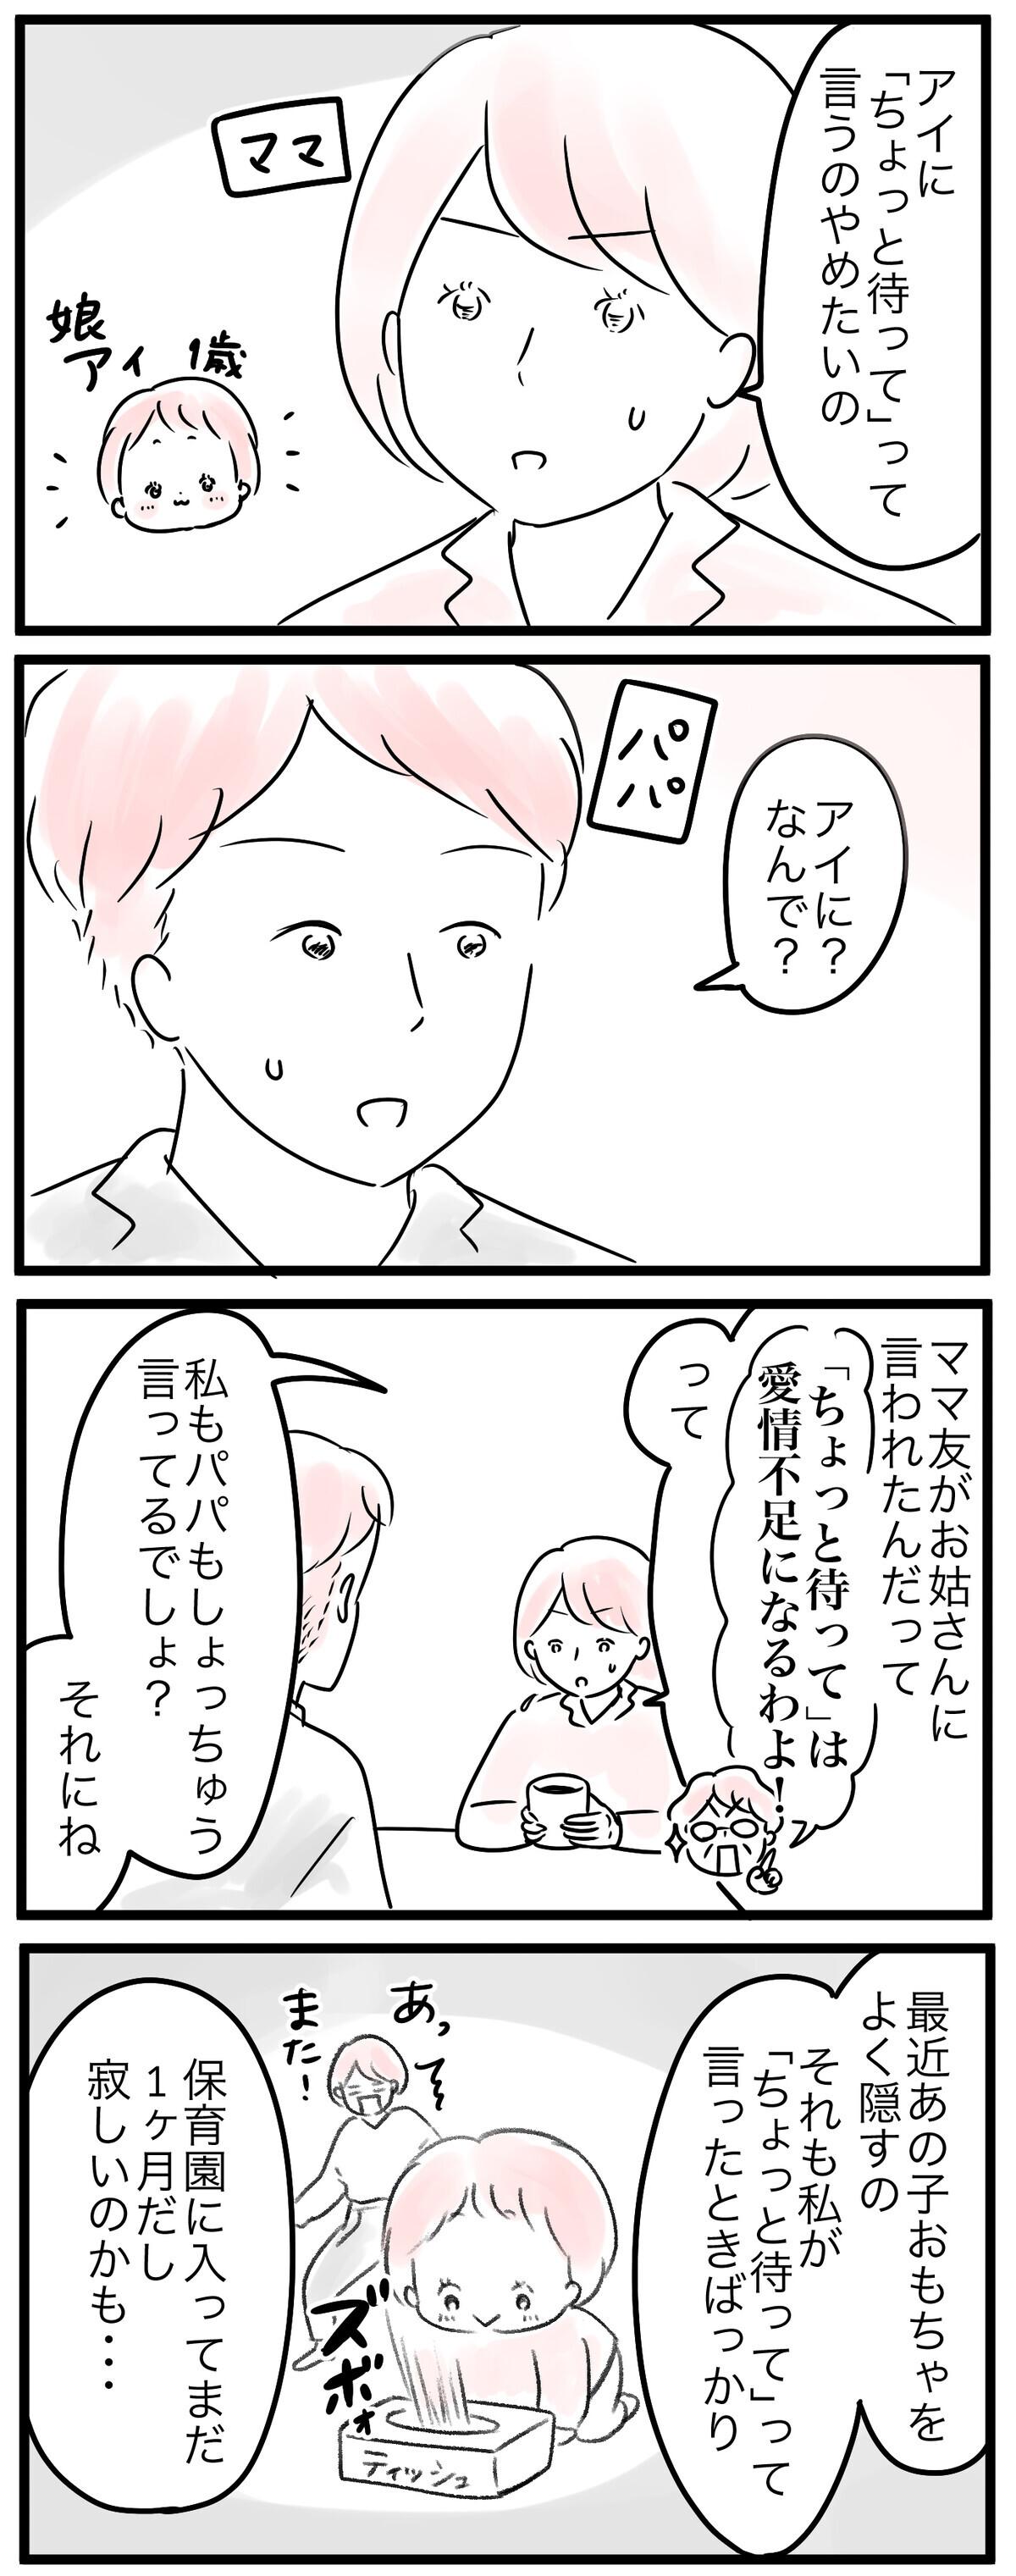 「ちょっと待って」を言ってはいけない…!?/うちの子愛情不足かも(1)【親子を救う!?ピンクのパンダのオールOK! 第31話】